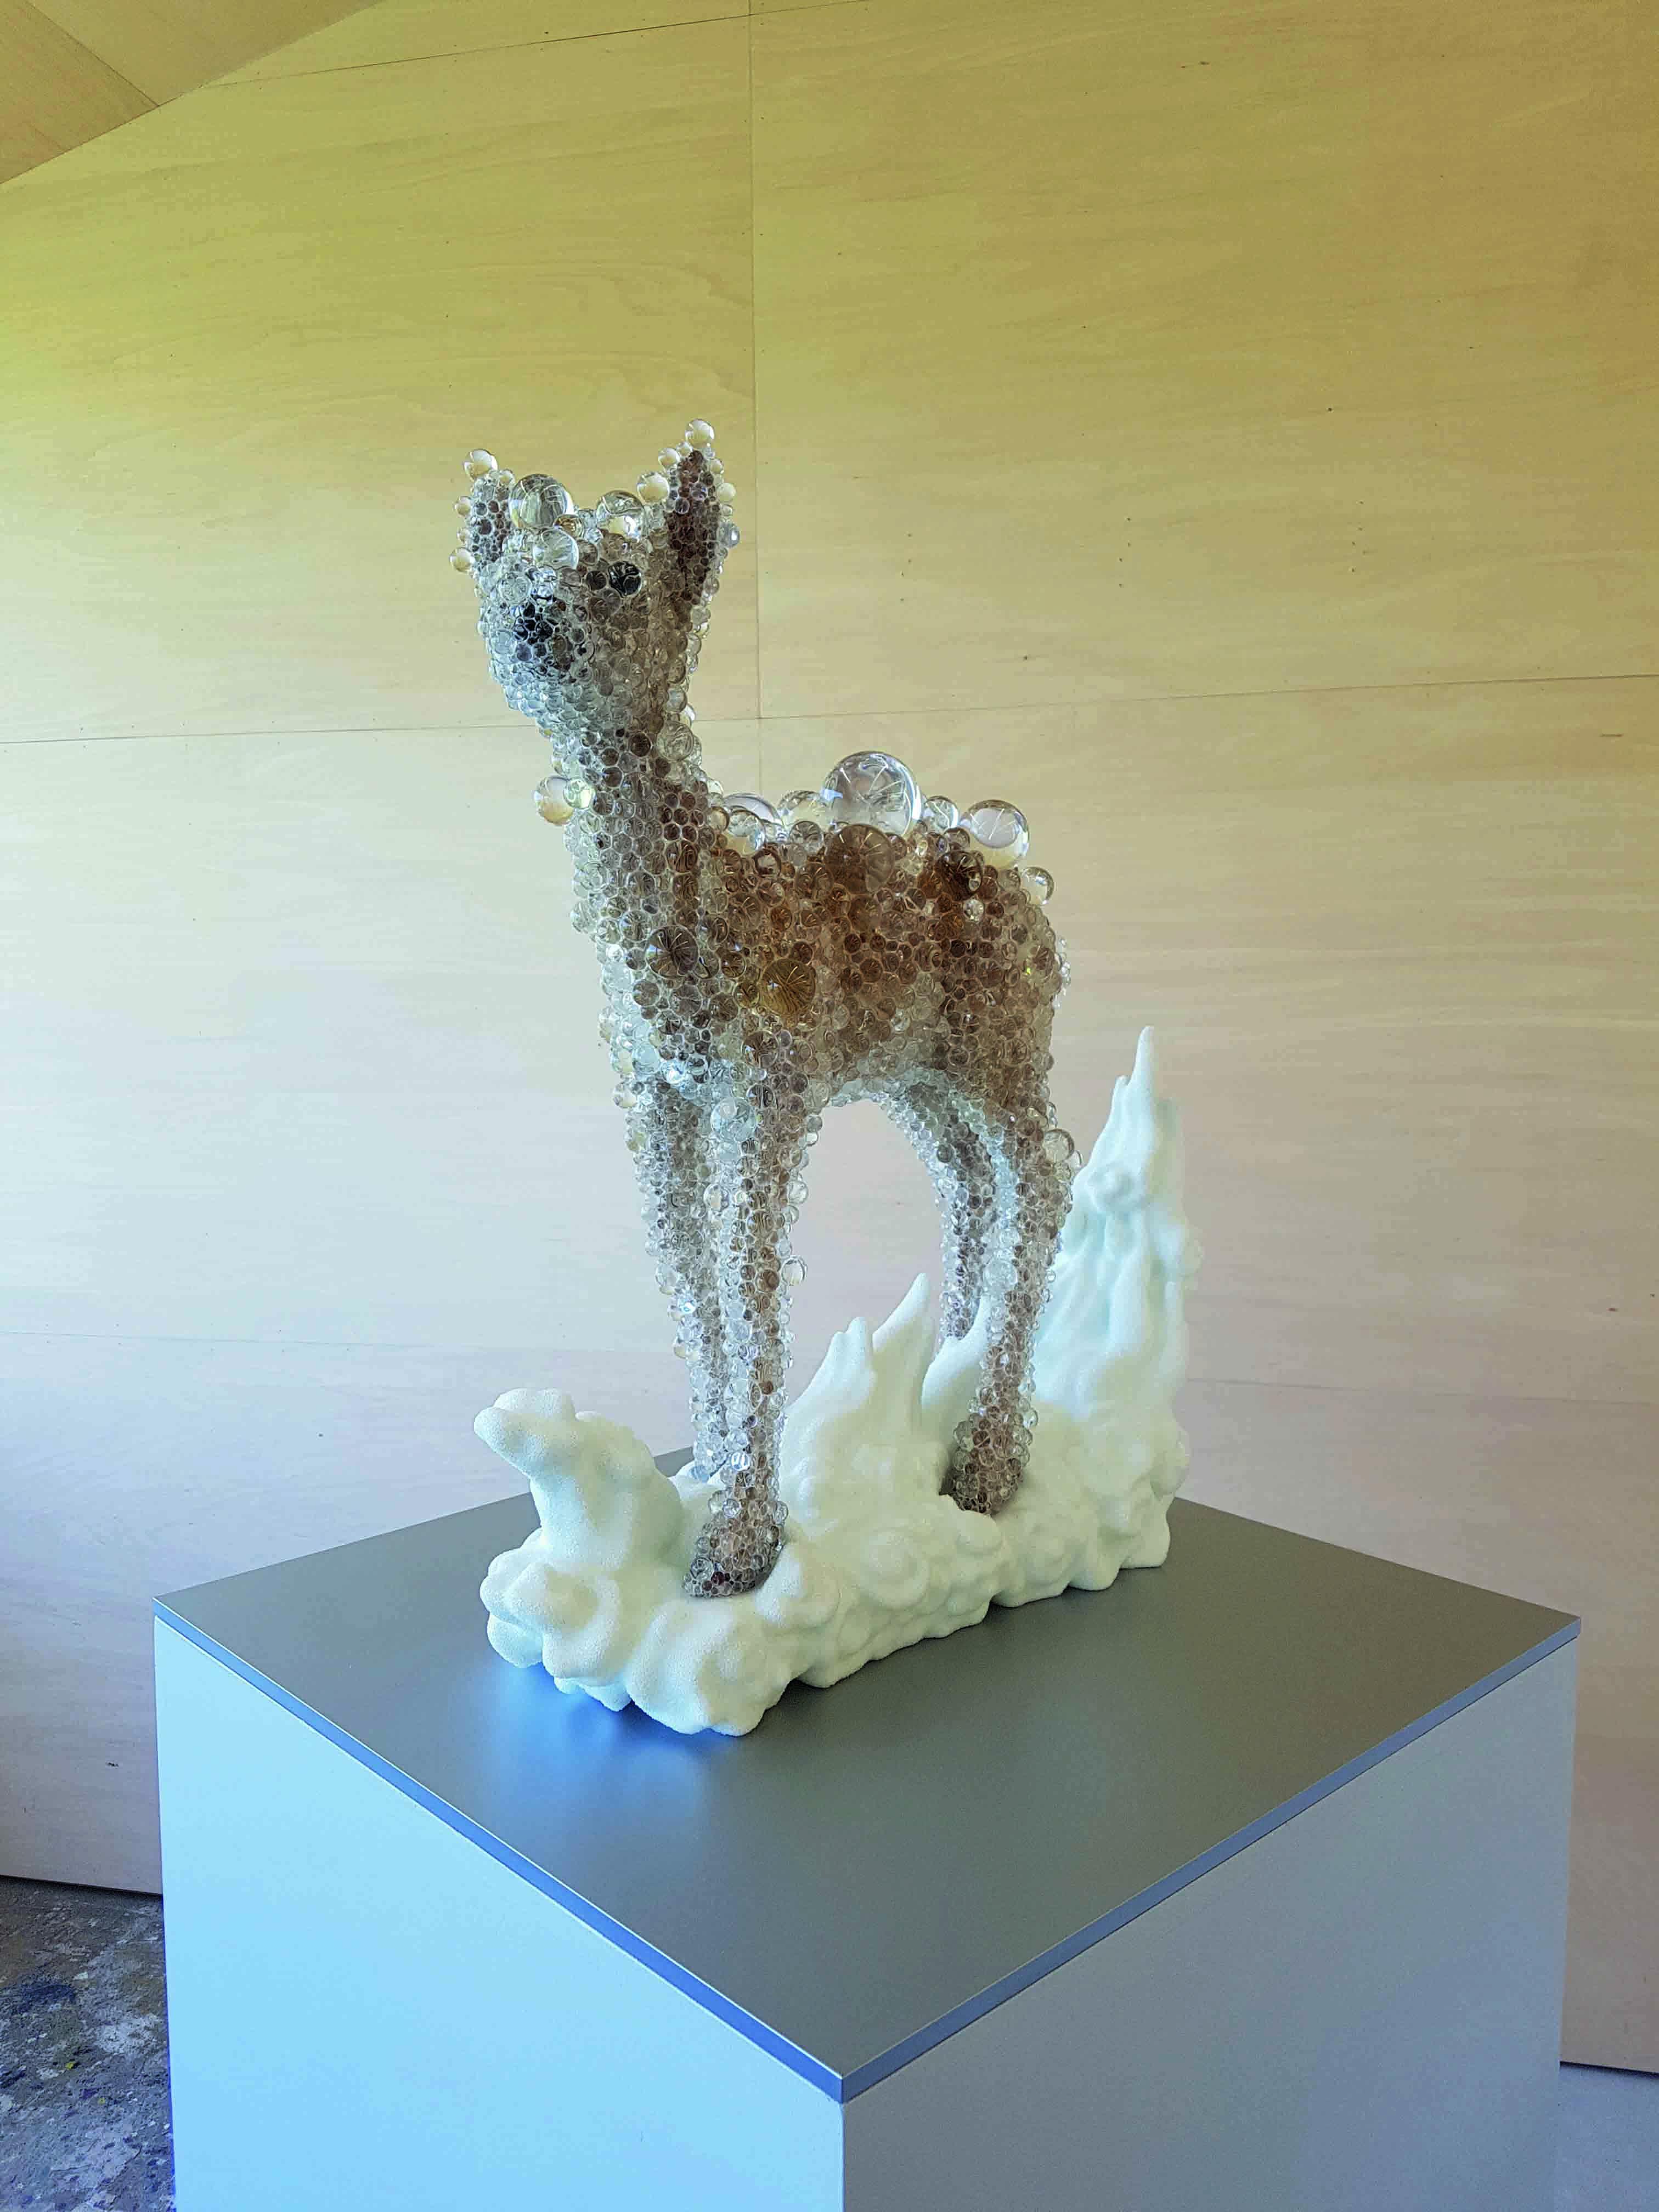 """Dans son atelier en périphérie de Kyoto, Kohei Nawa poursuit sa série """"PixCell"""", réalisée notamment à partir de cerfs empaillés, dont l'une des œuvres a été adjugée 250 000 euros en novembre 2017."""